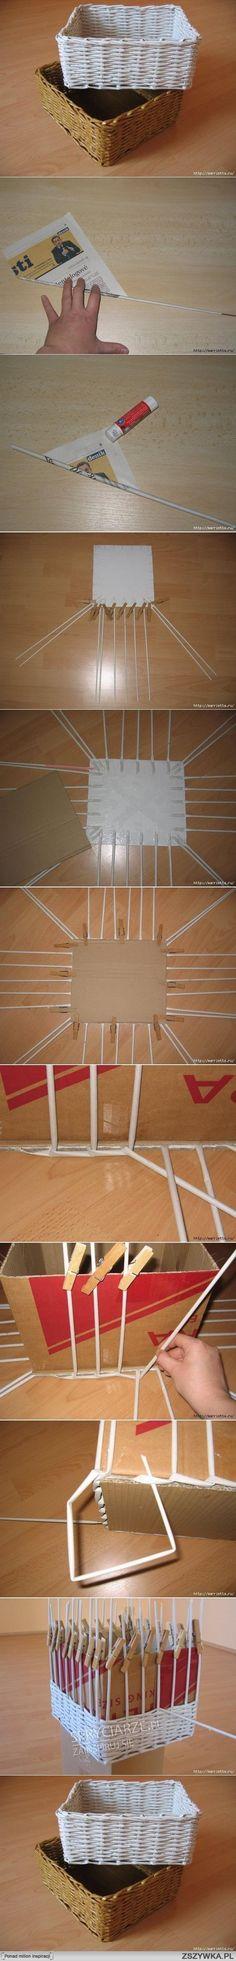 caja de mimbre hecha con papel